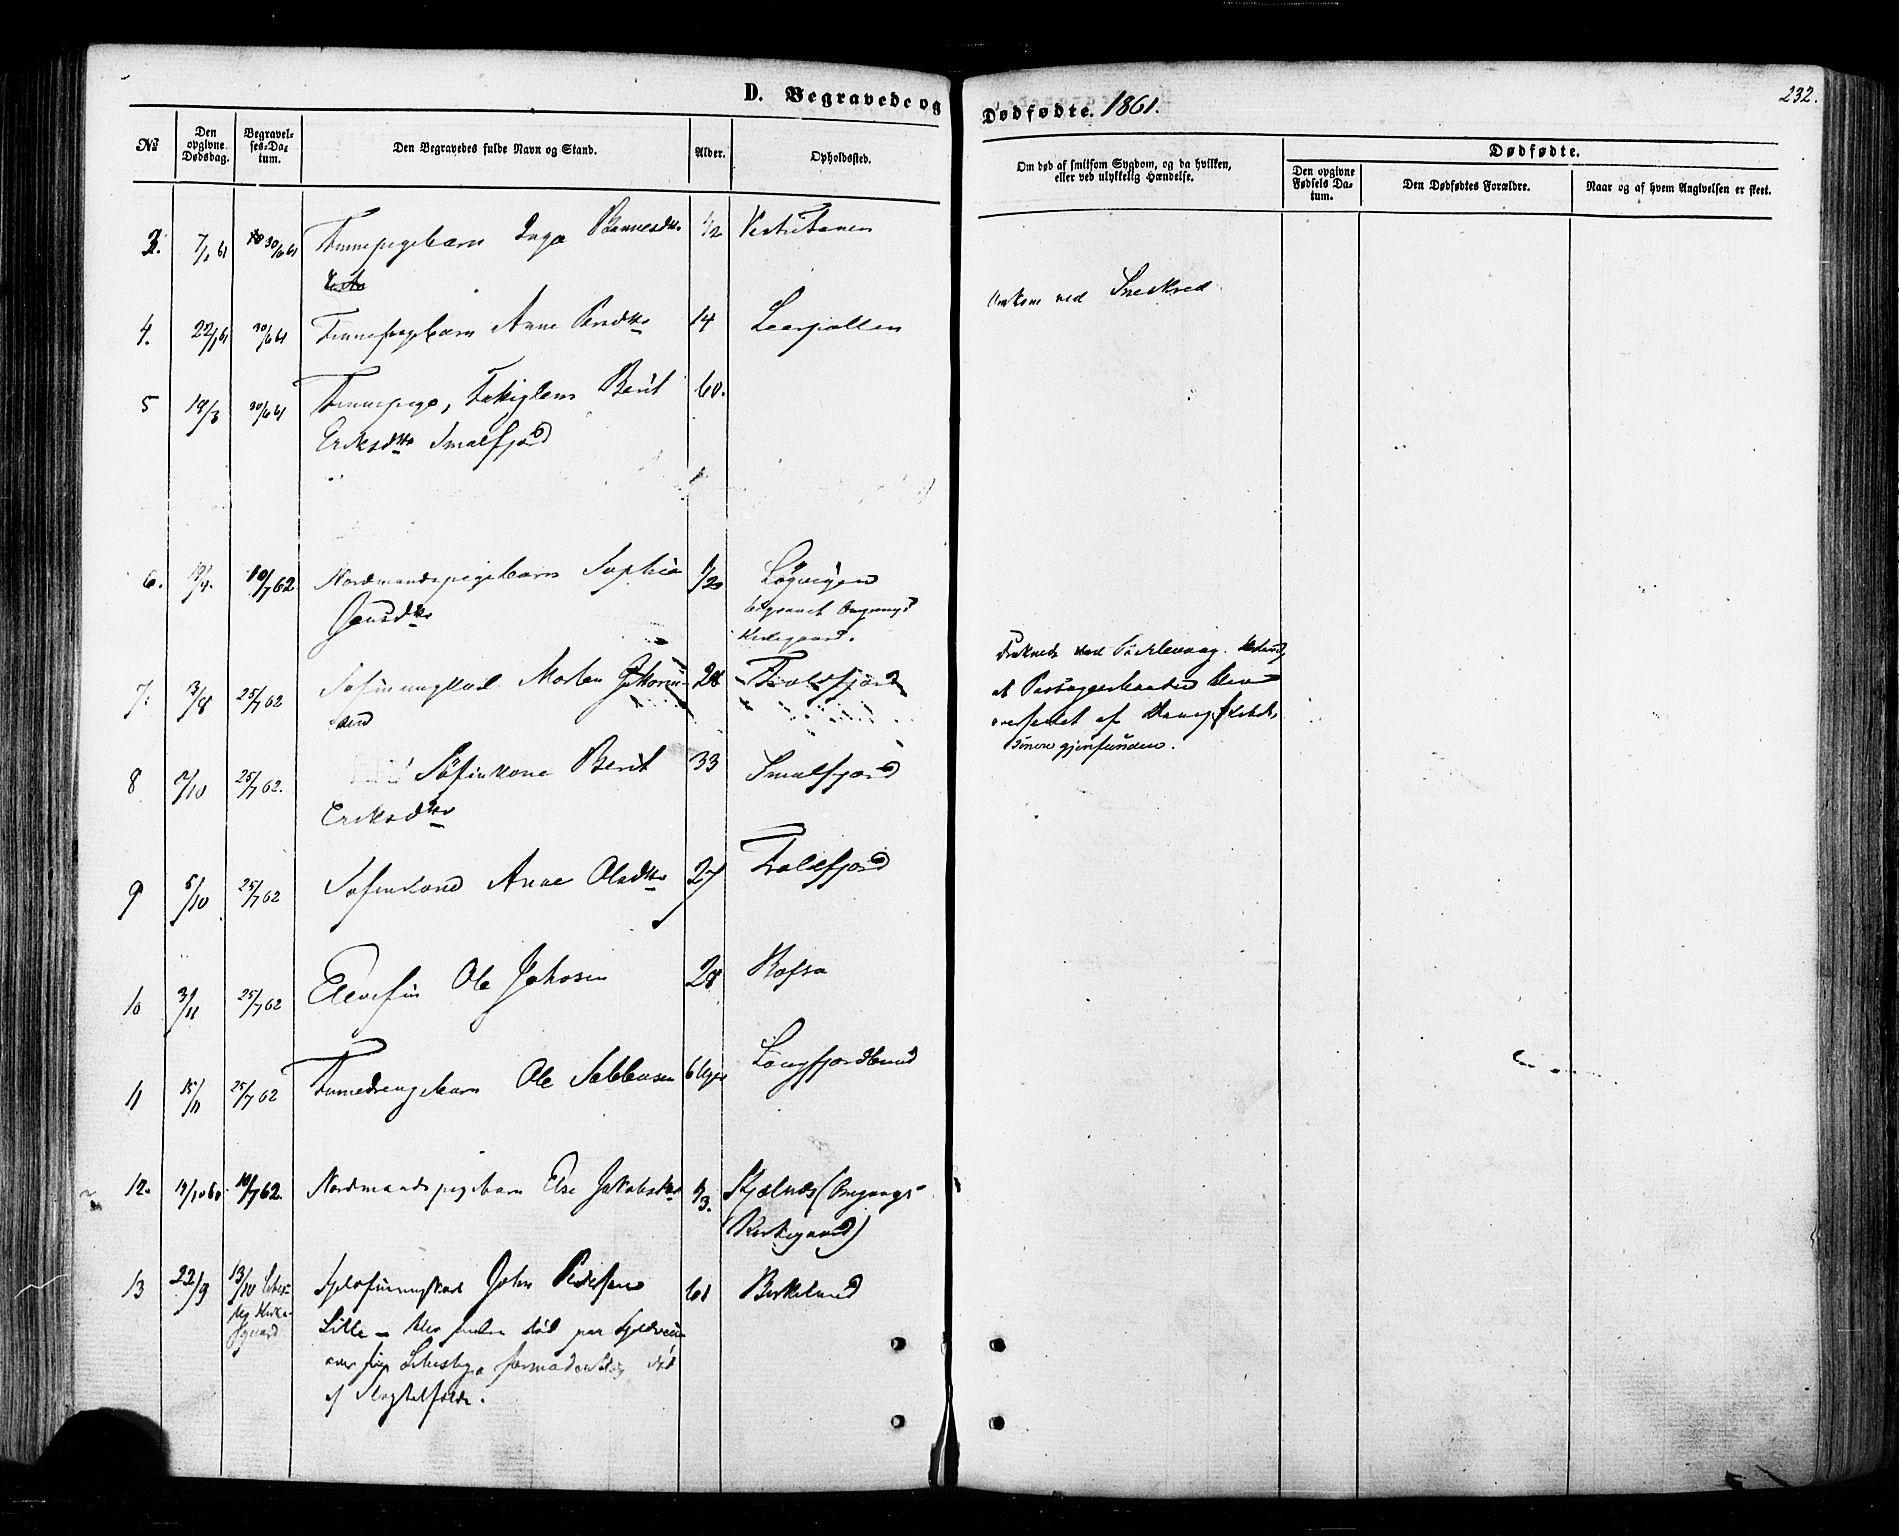 SATØ, Tana sokneprestkontor, H/Ha/L0002kirke: Ministerialbok nr. 2 /1, 1861-1877, s. 232